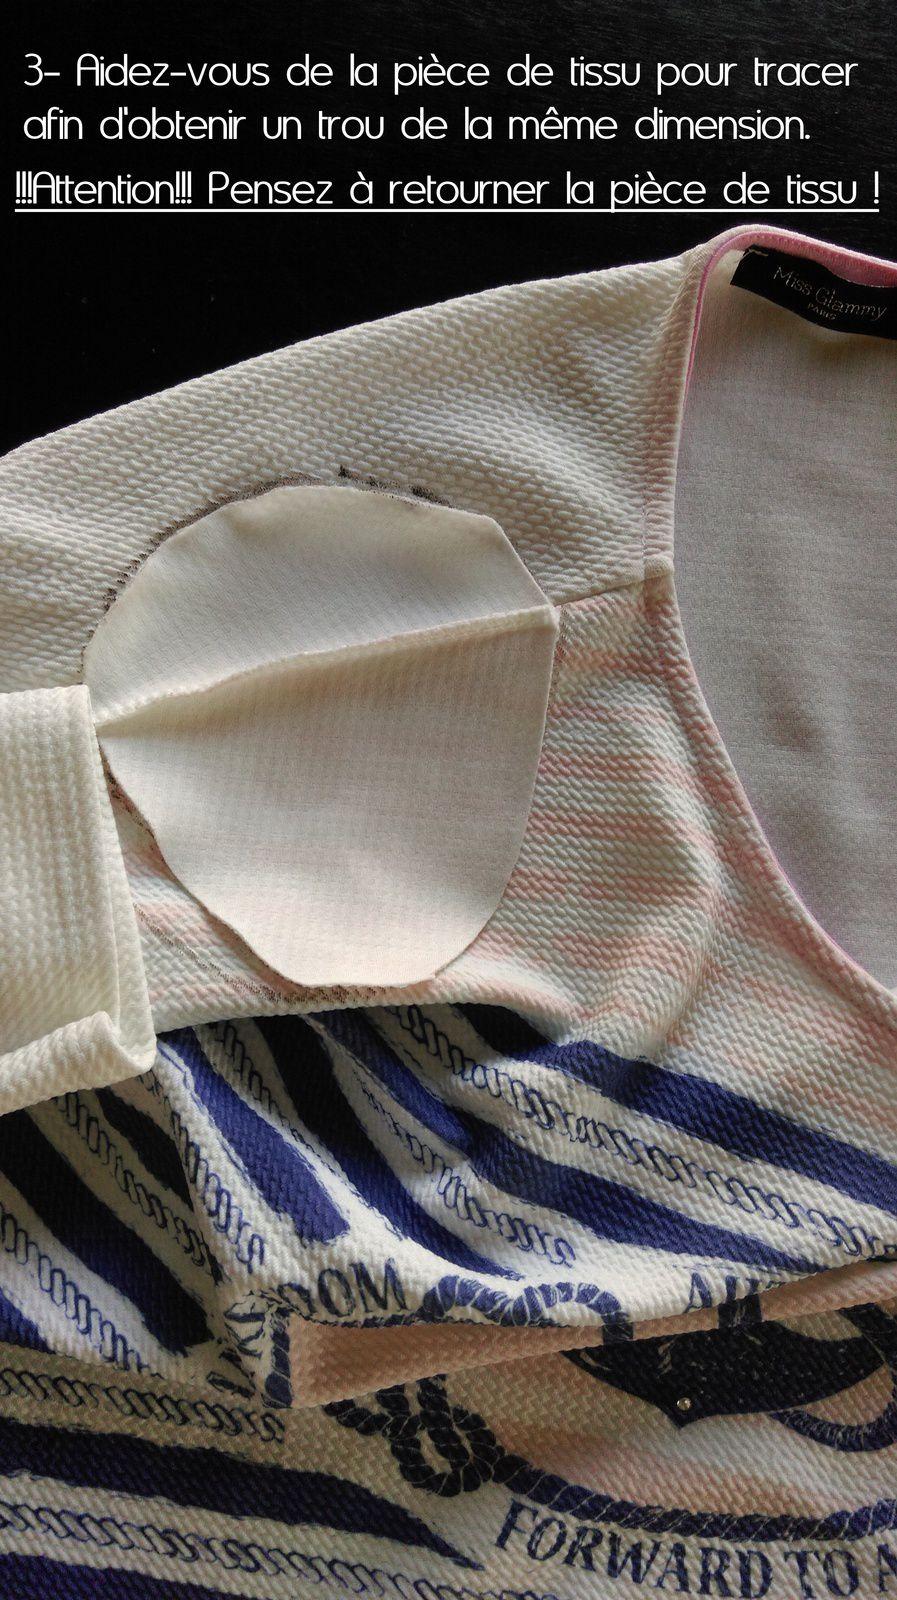 Une fois le découpage terminé, faîtes un ou 2 points de couture à l'aide d'une aiguille et de fils afin d'arrêter la couture que vous avez coupé, cela évitera qu'elle se découd